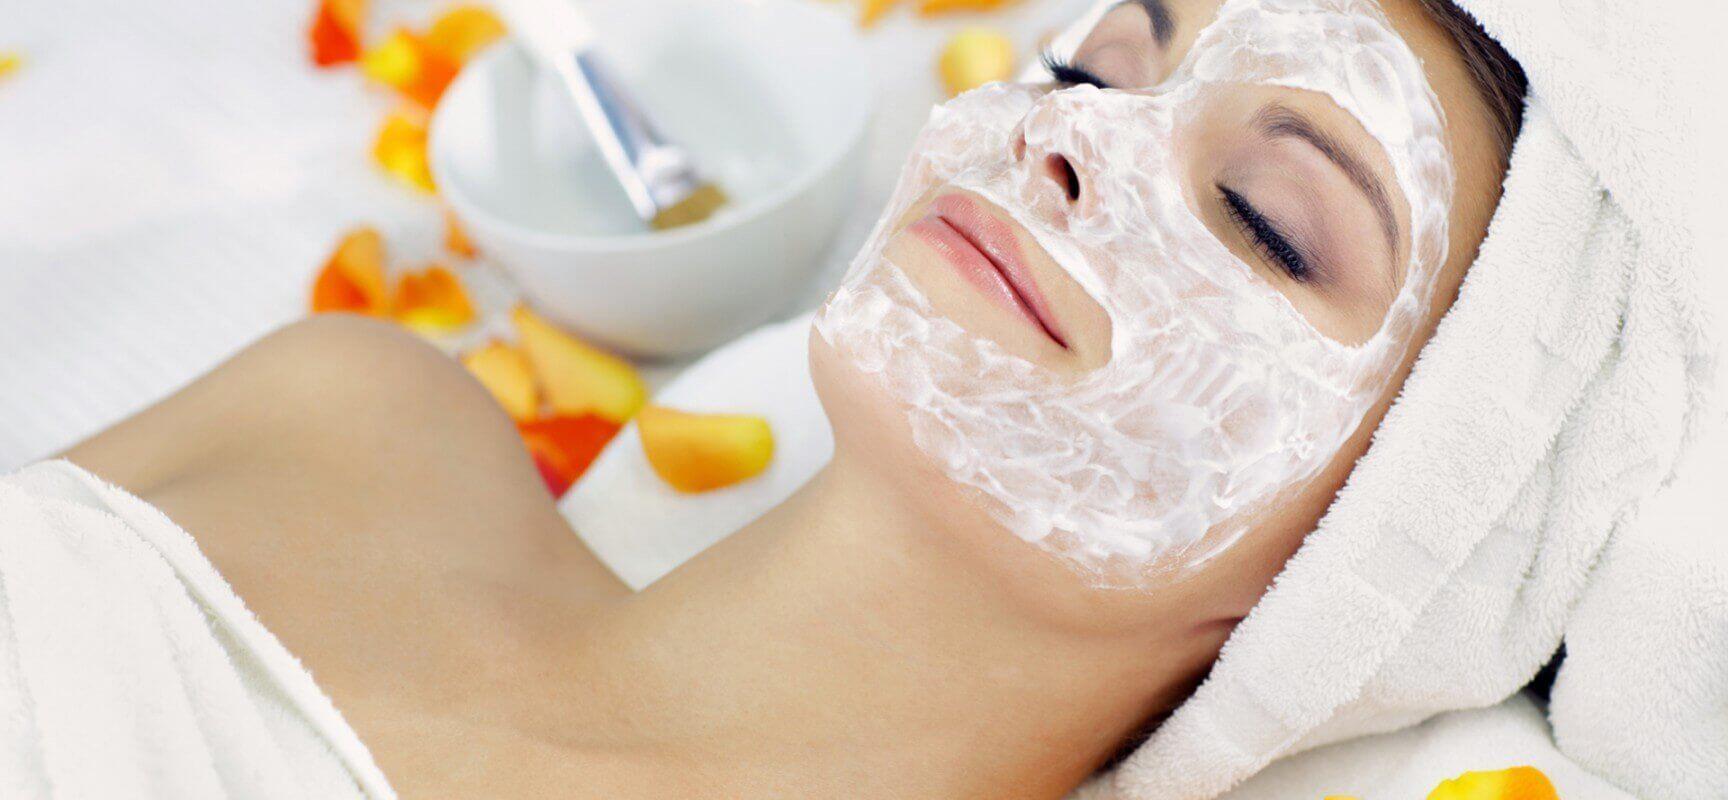 Peel-off gezichtsmaskers met gelatine voor diepe hydratatie